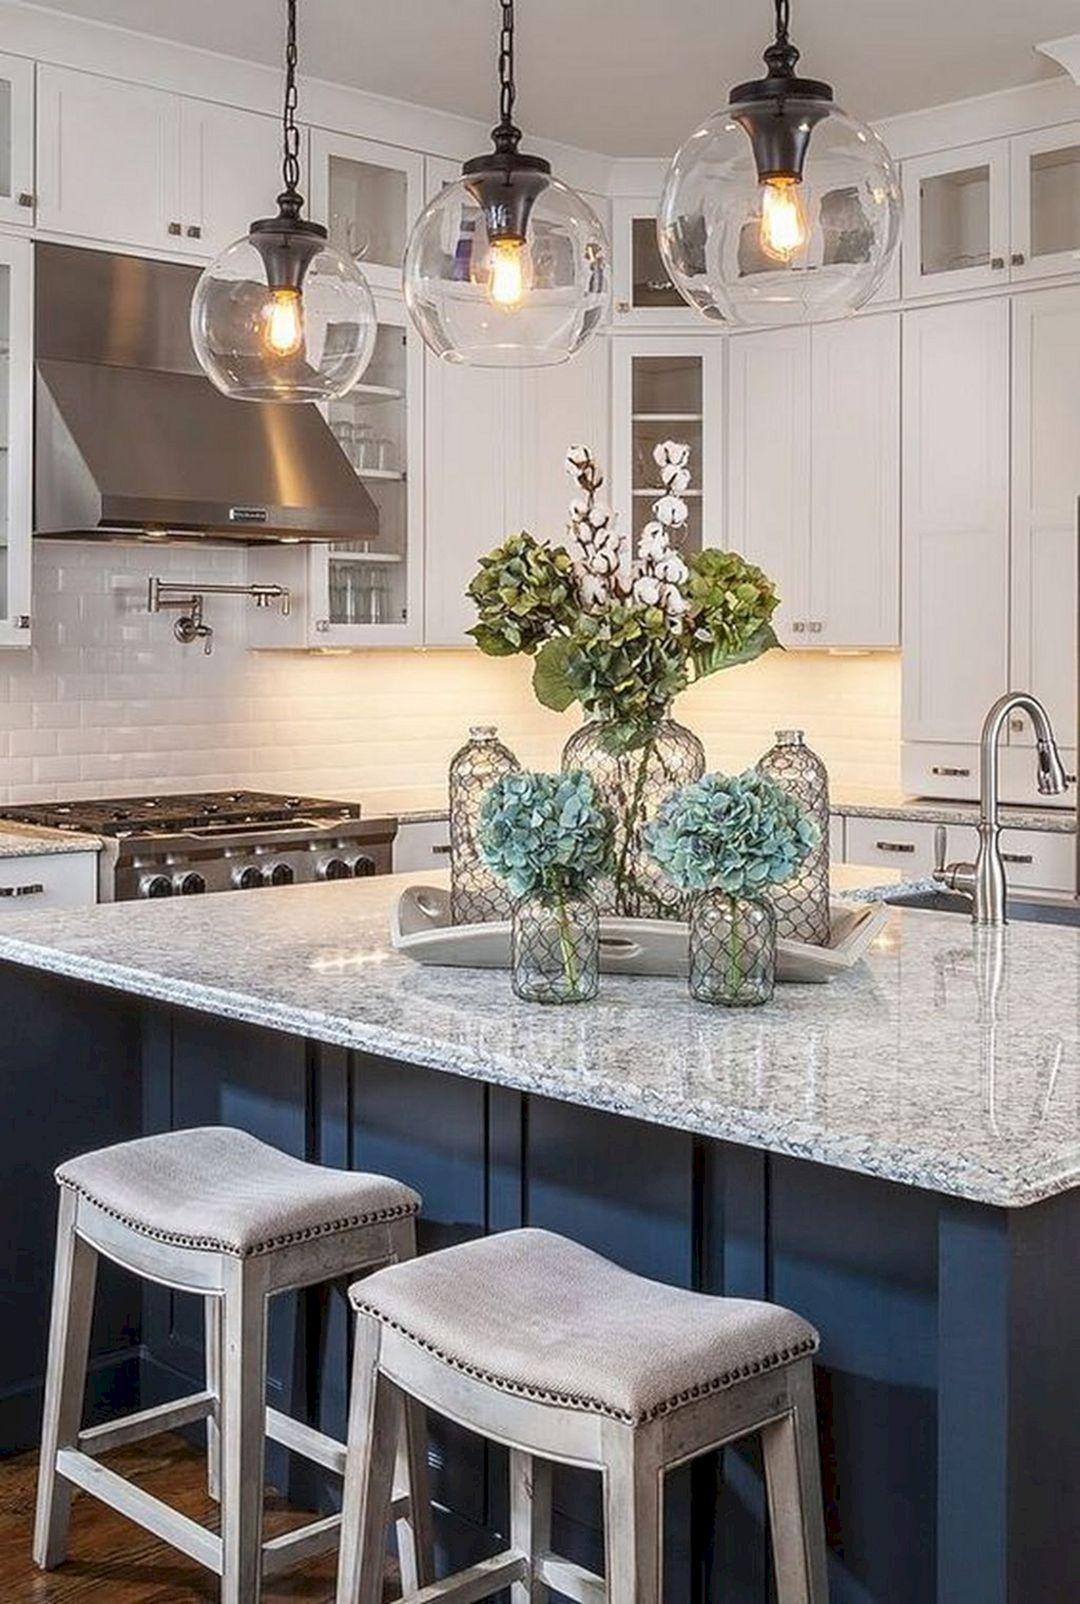 9 Marvelous Pendant Light Decoration Ideas For Amaze Kitchen ...